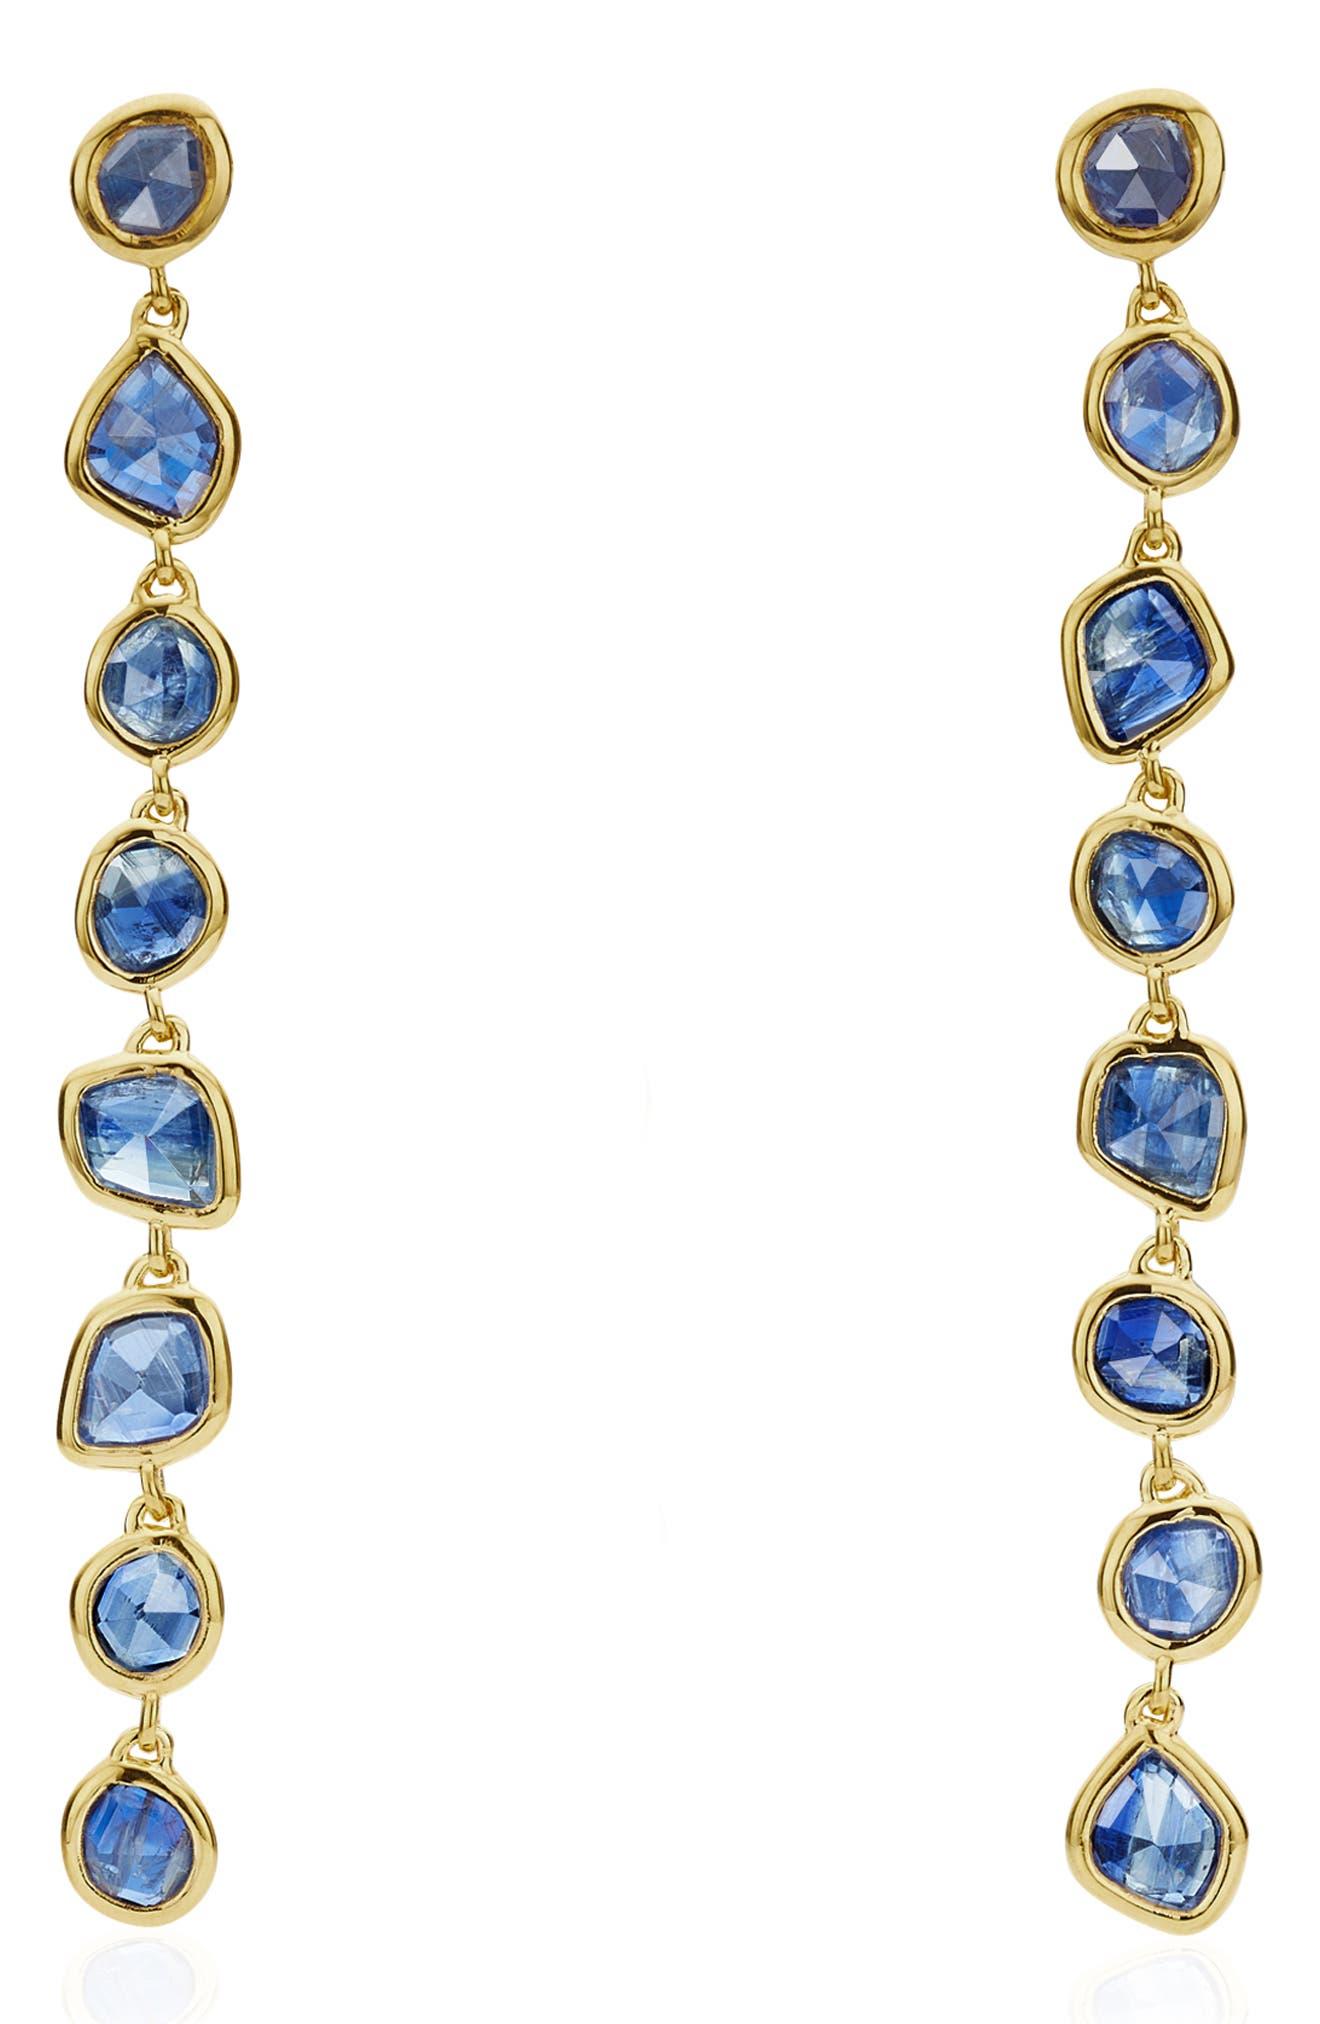 Siren Mini Nugget Earrings,                         Main,                         color, GOLD/ KYANITE